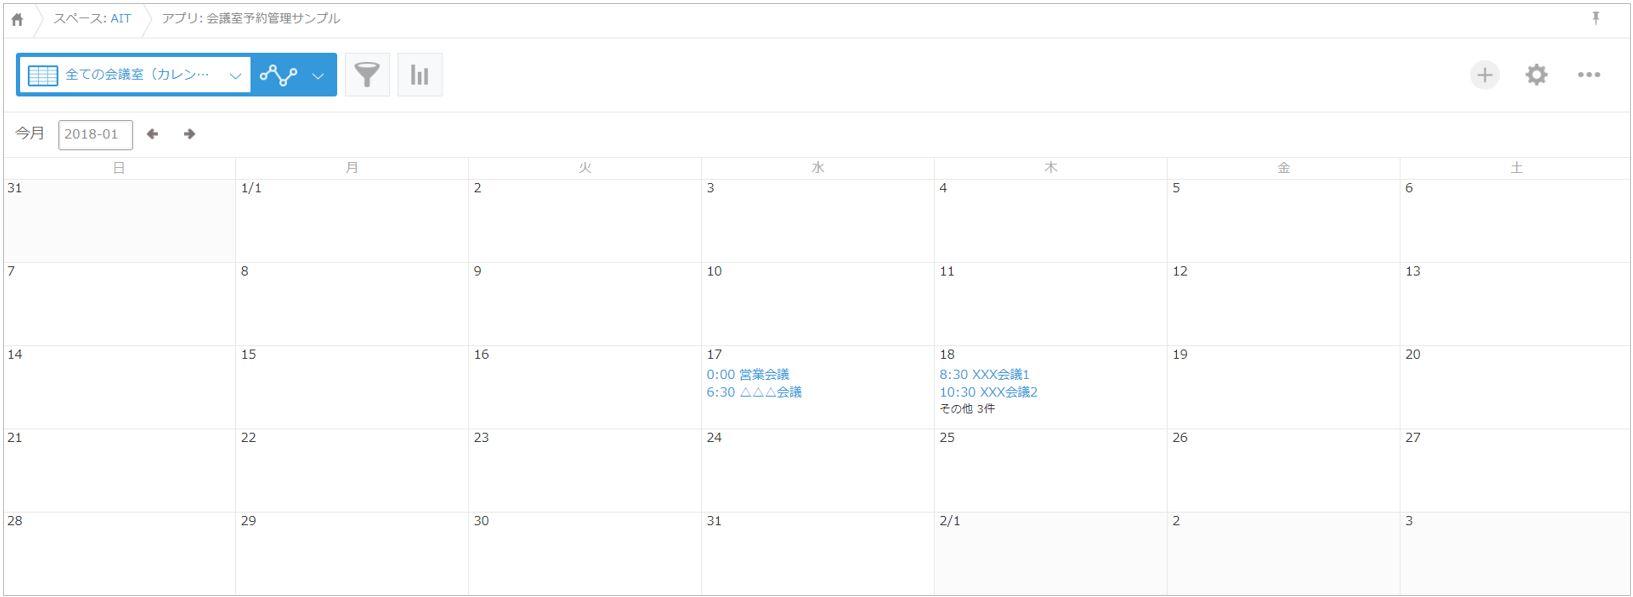 会議室予約カレンダー月別(kintone標準)